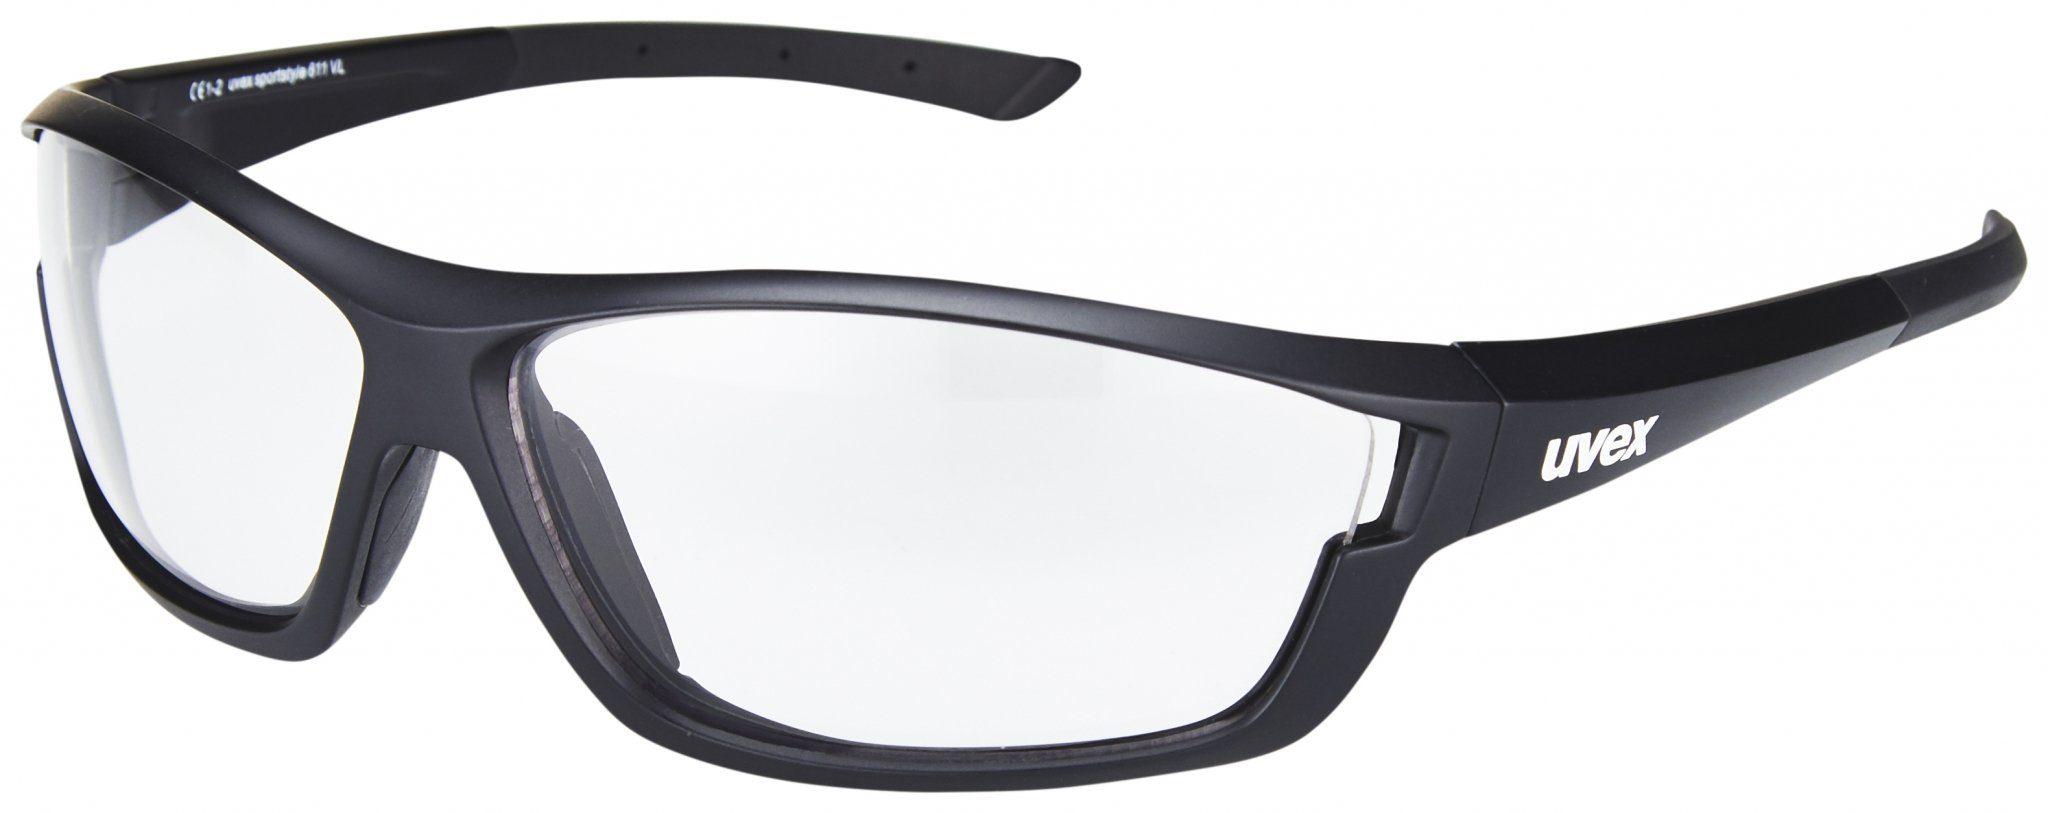 Uvex Sportbrille »sportstyle 611 VL Brille«